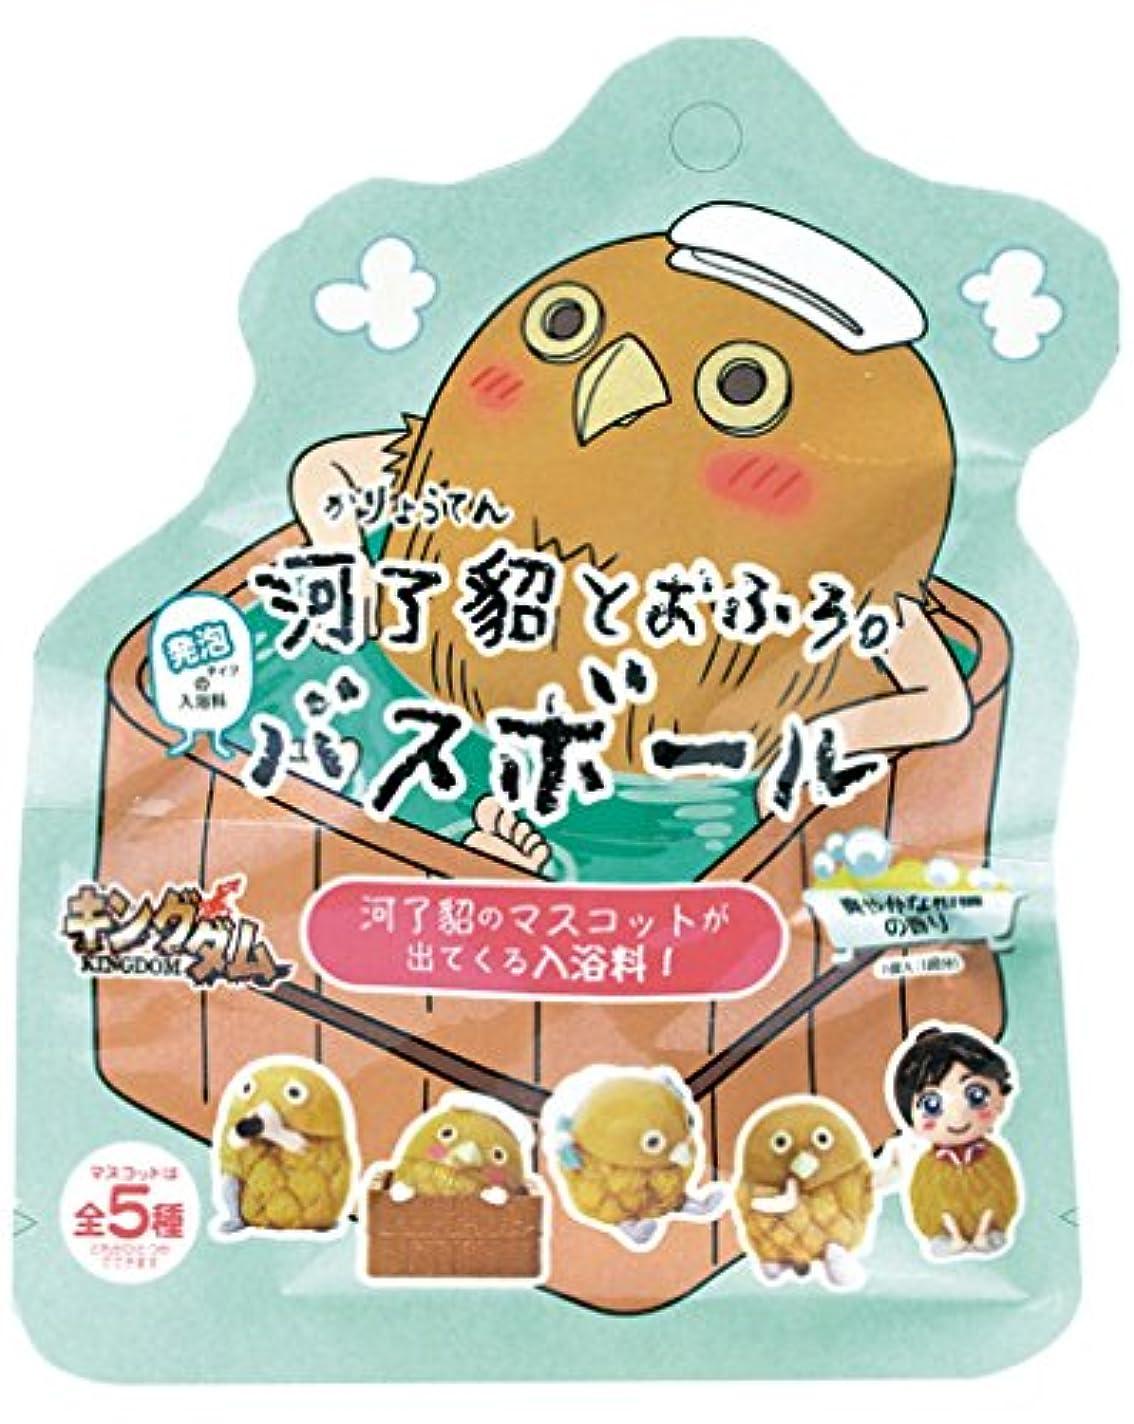 オーラル第二損失キングダム 入浴剤 バスボール 柑橘の香り 60g マスコット入り OB-GMB-1-1